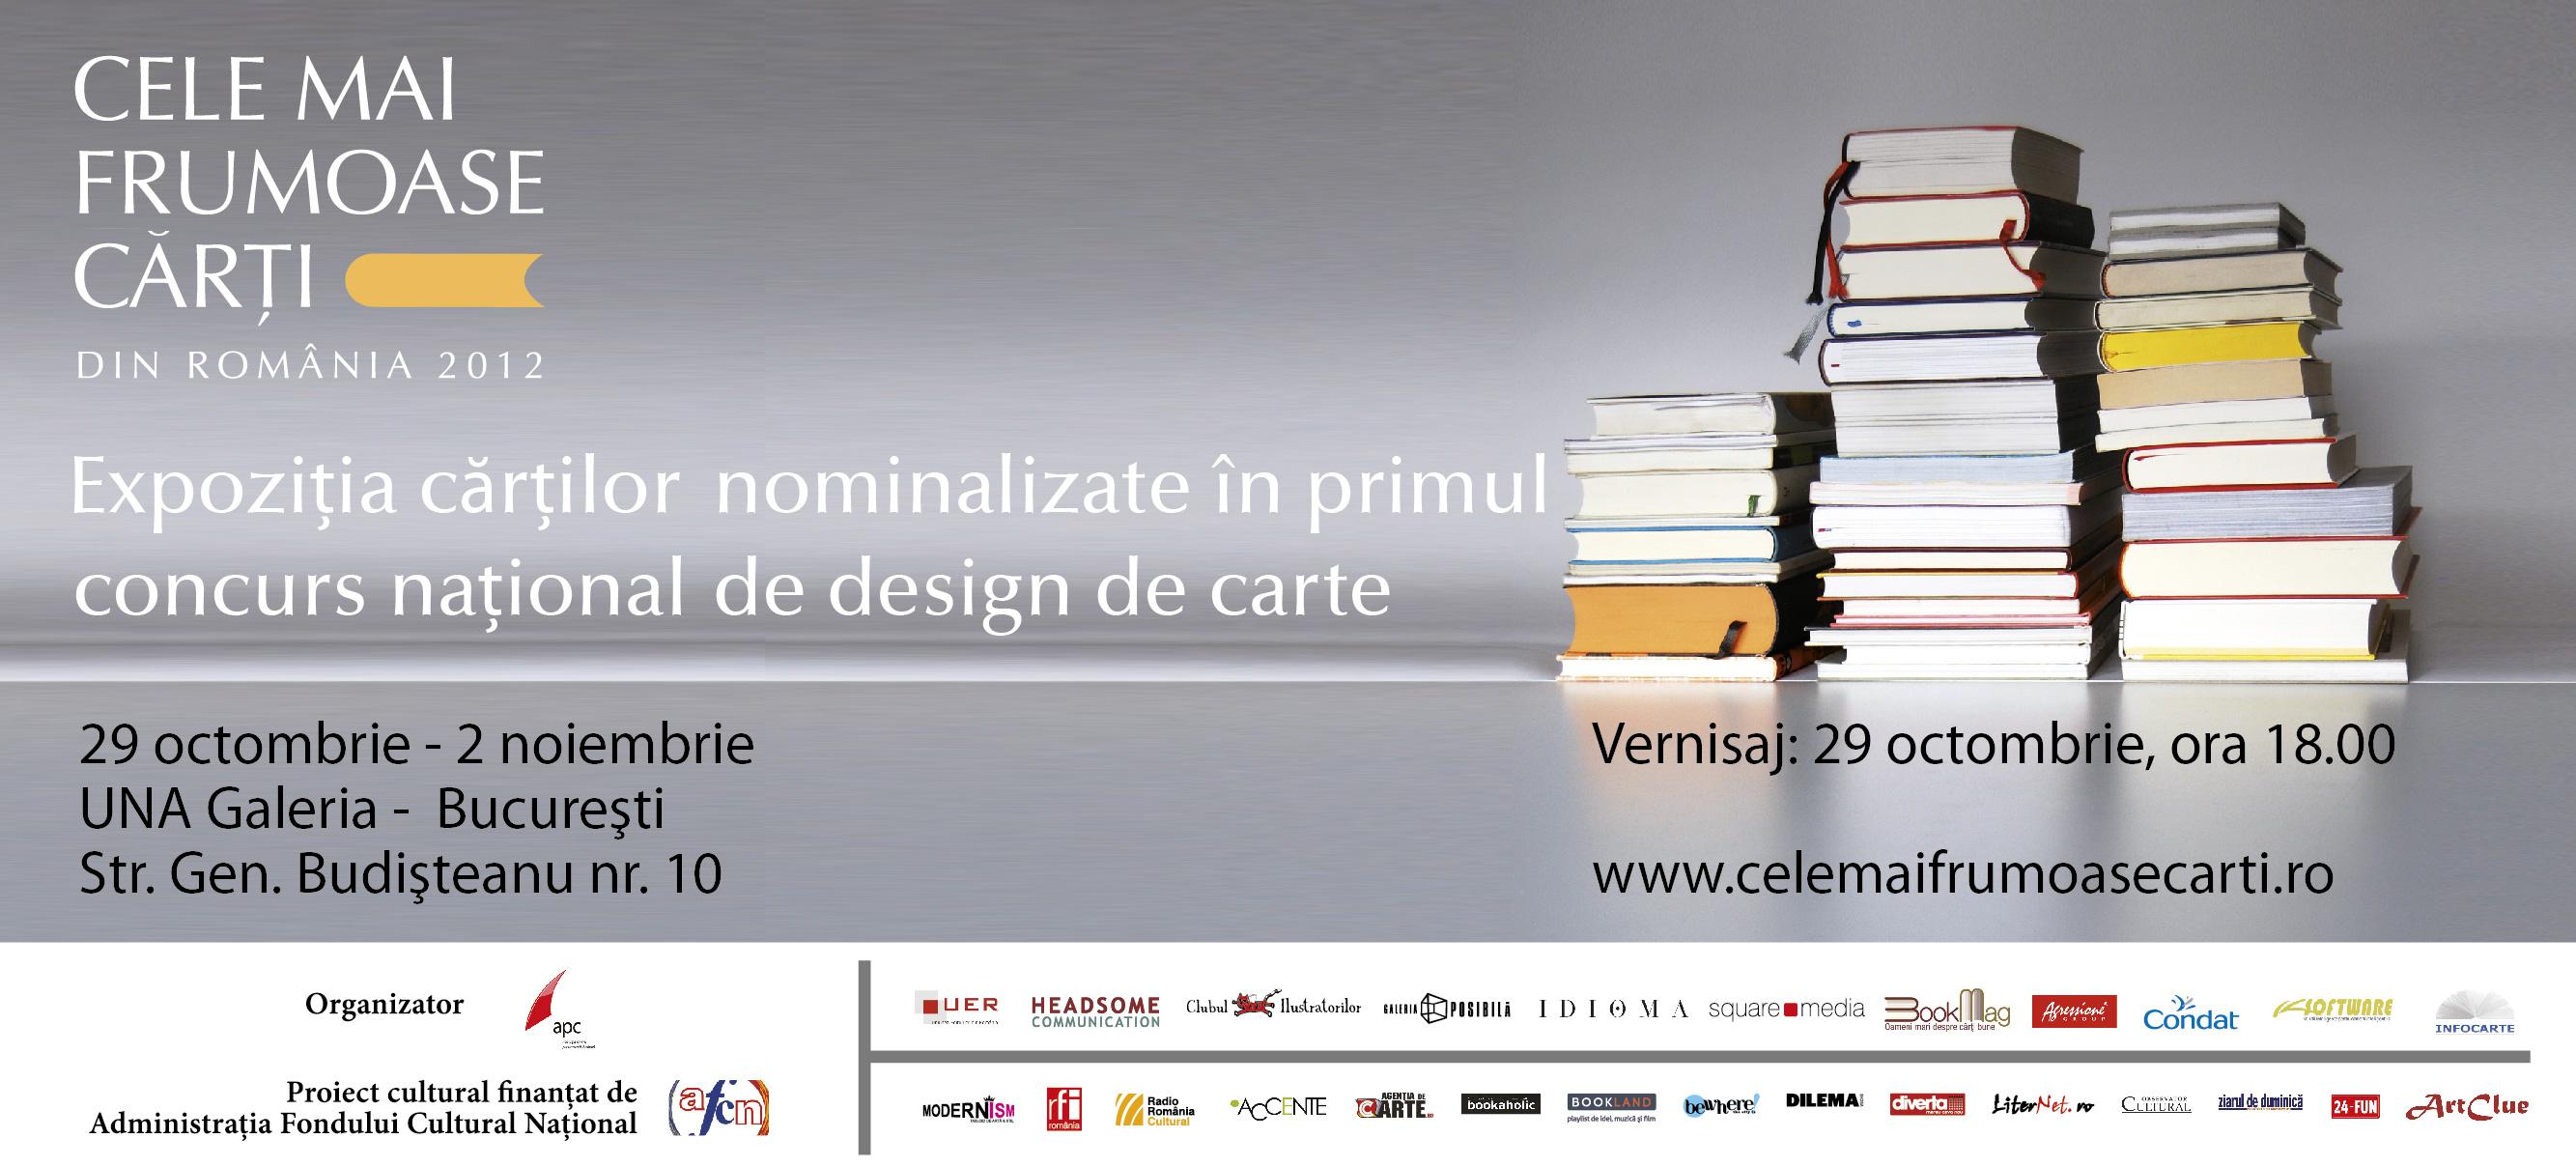 """Premiile primului concurs naţional de design de carte şi vernisajul expoziţiei """"Cele mai frumoase cărţi din România"""""""